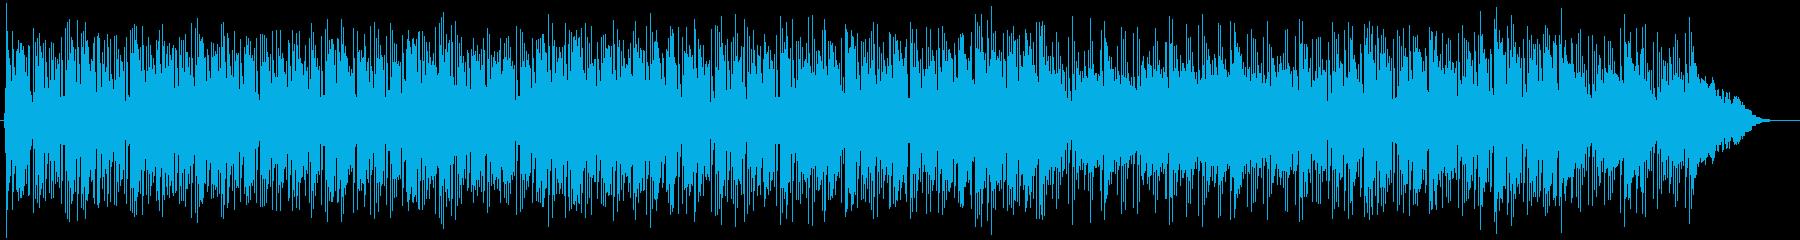 ゆるやかで優しいピアノバラードの再生済みの波形